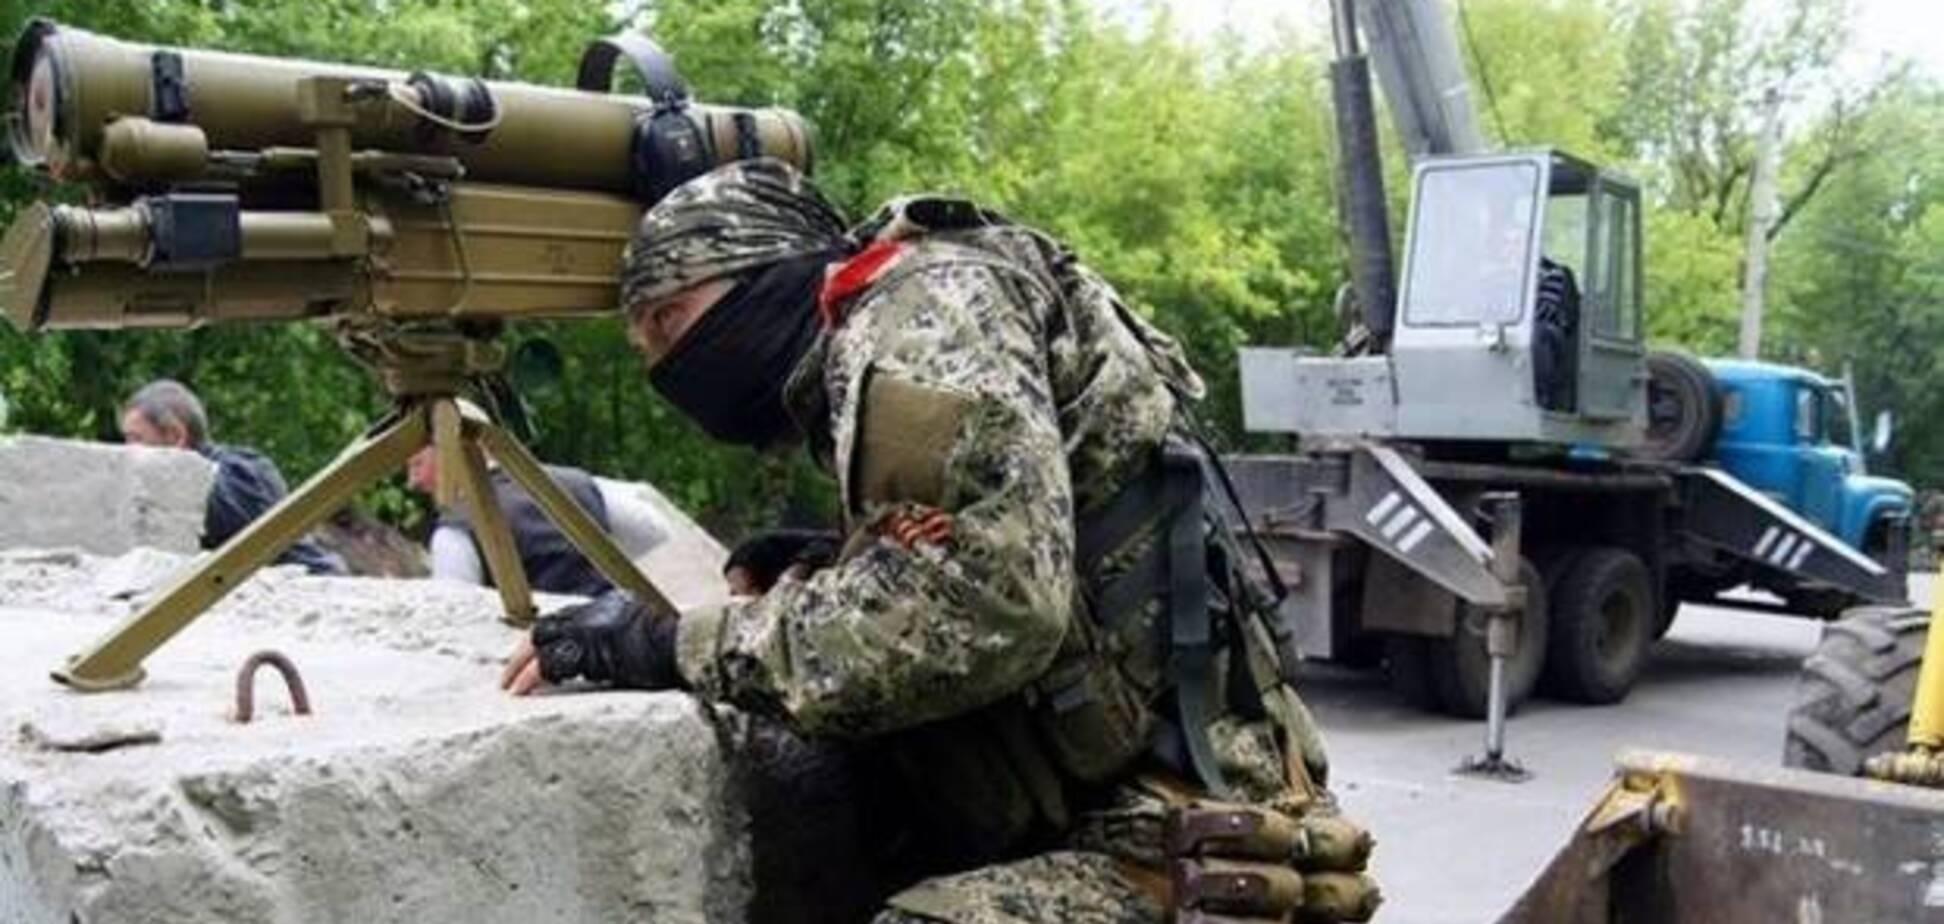 Боевики 'ЛНР' обстреливали Луганск, чтобы обвинить ВСУ: очередное доказательство